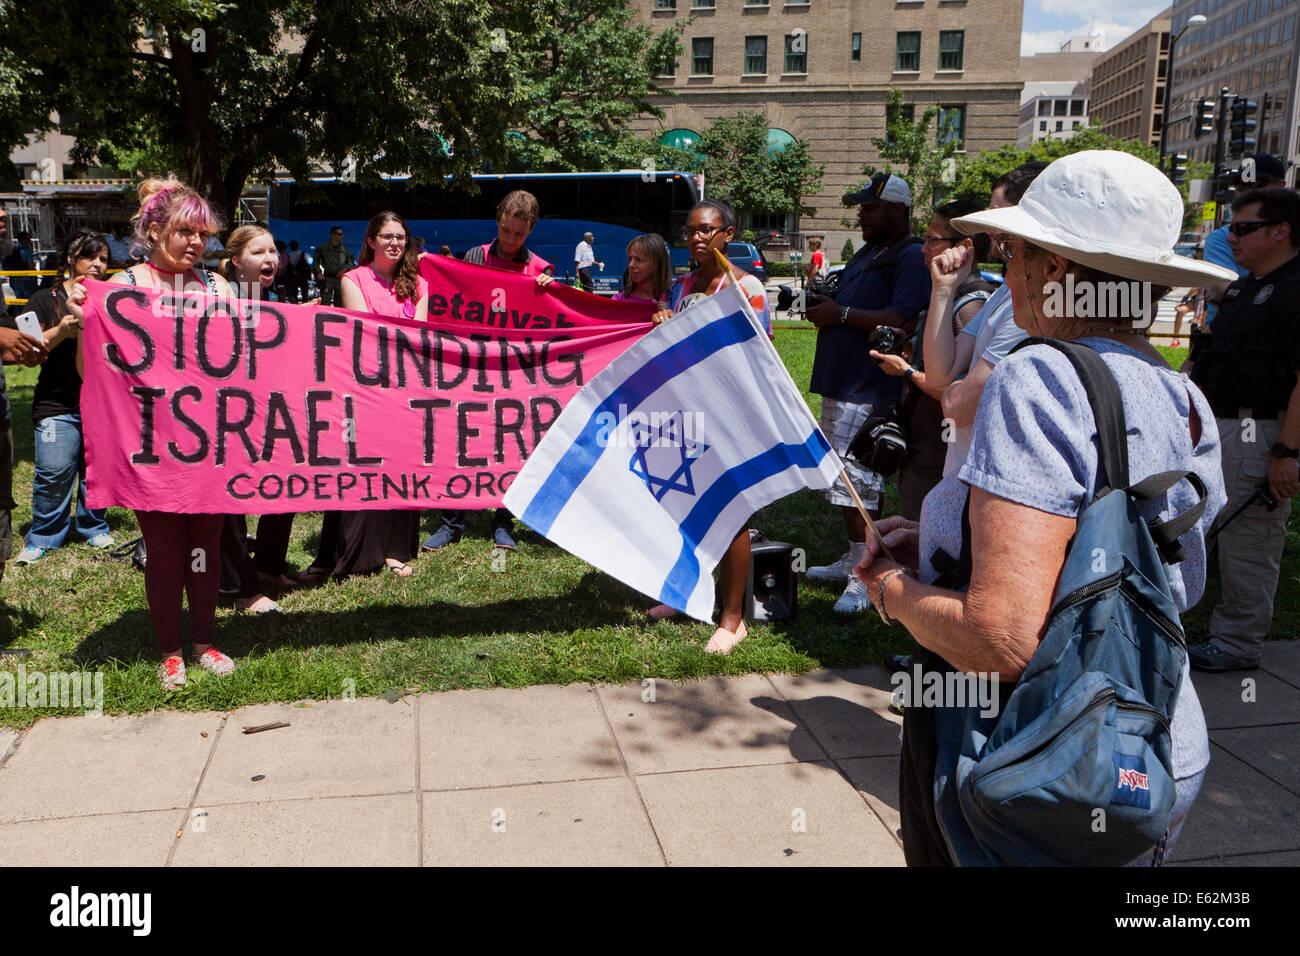 CodePink holding a pro-Palestine rally - Washington, DC USA - Stock Image